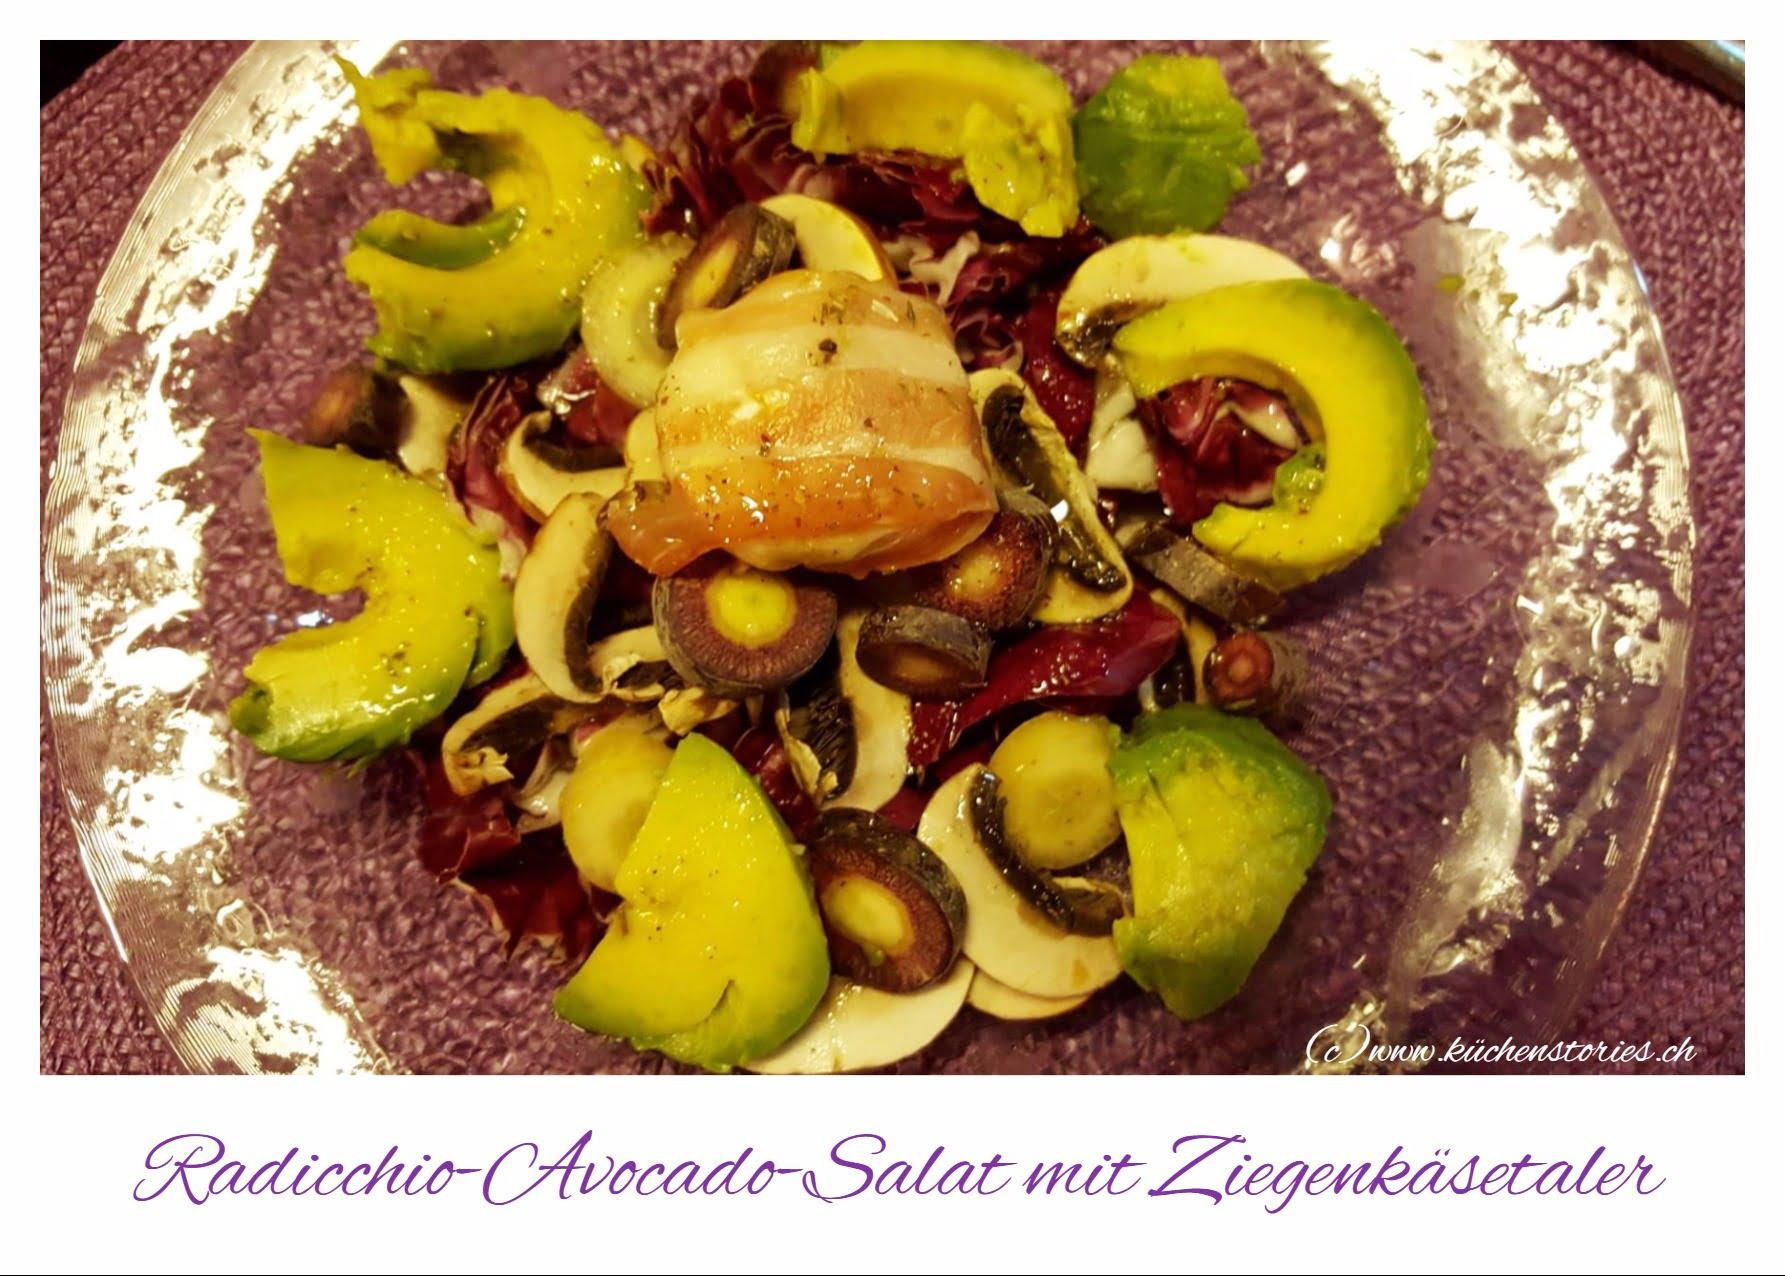 Radicchio Avocado Salat Mit Ziegenk 228 Setaler